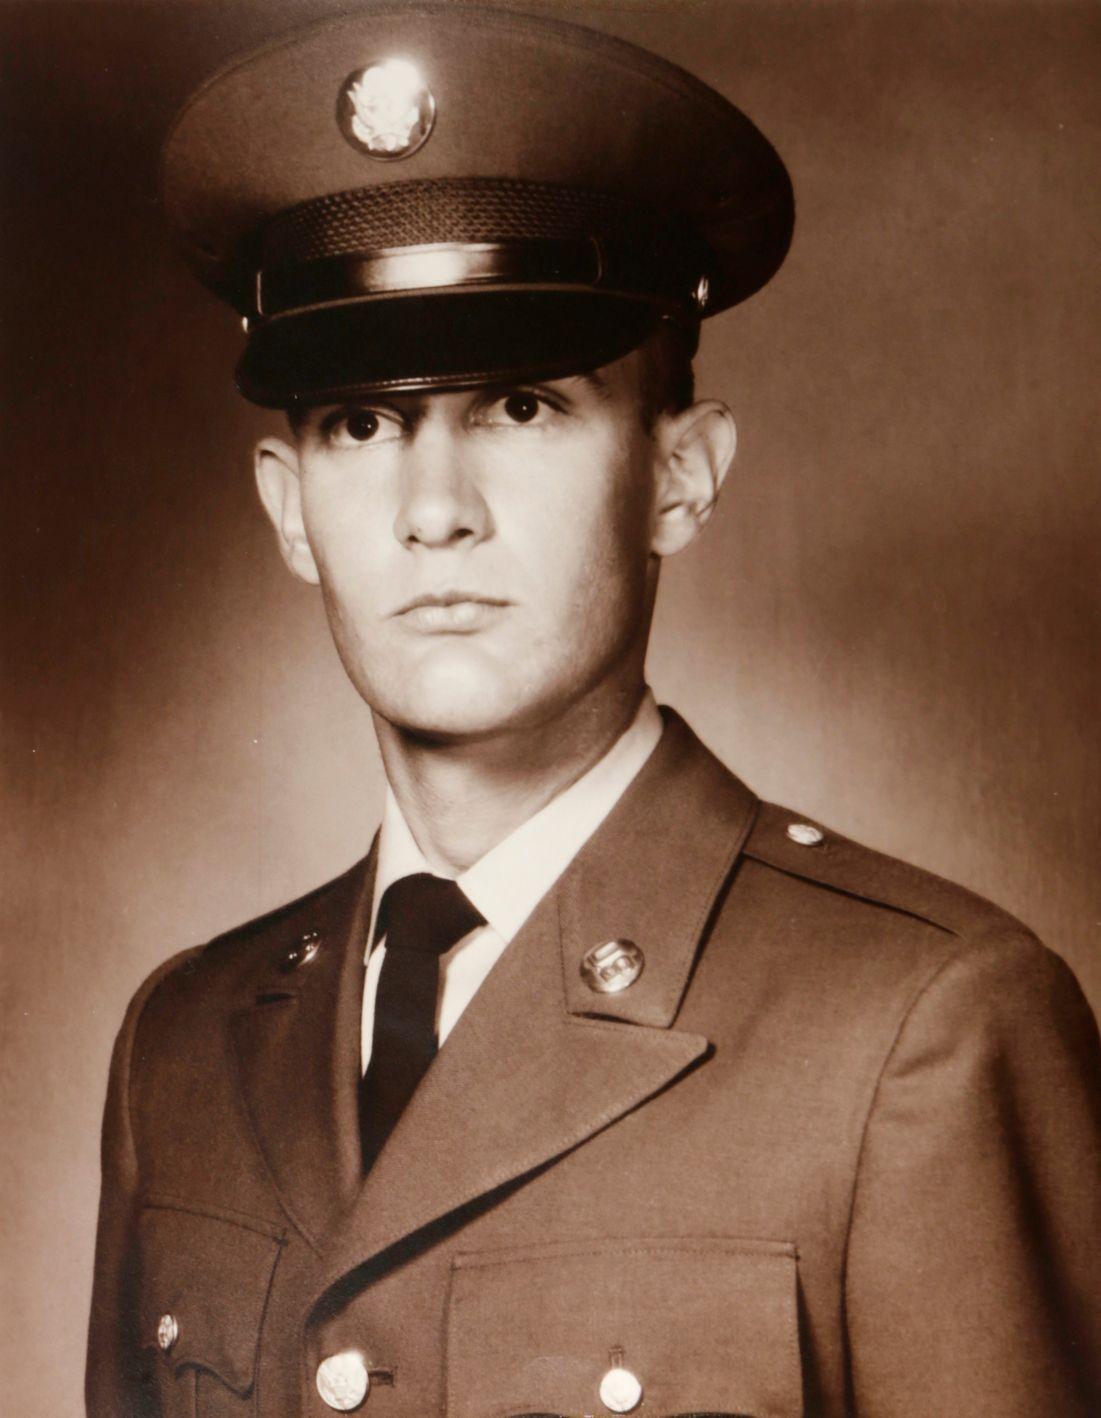 John E. Howard